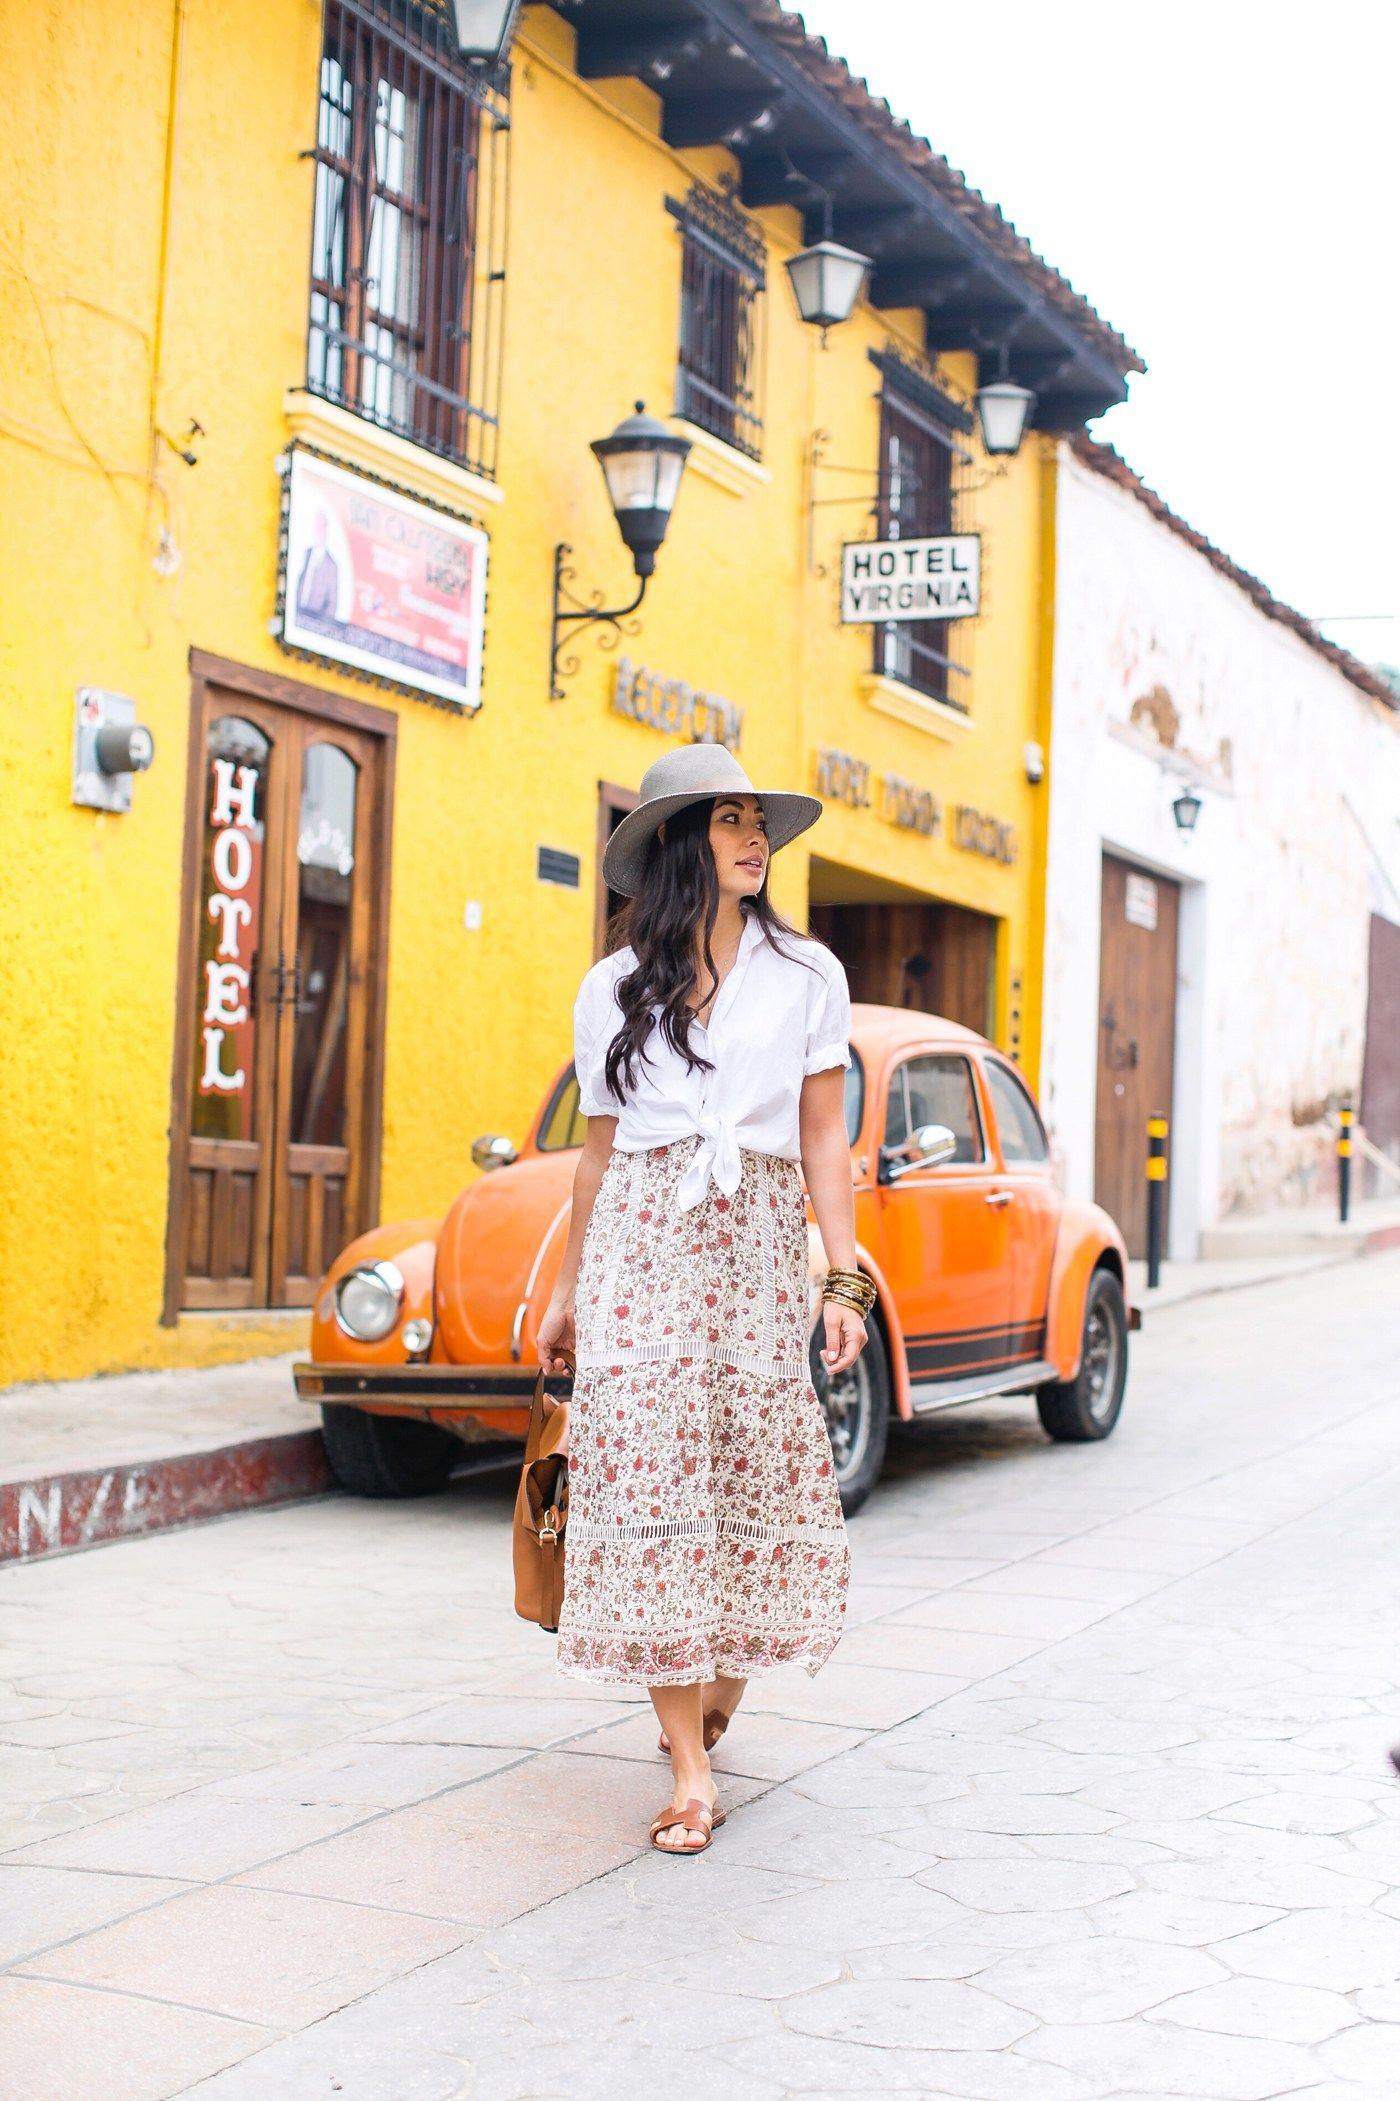 San Cristobal de las Casas, Chiapas, Mexico, near the